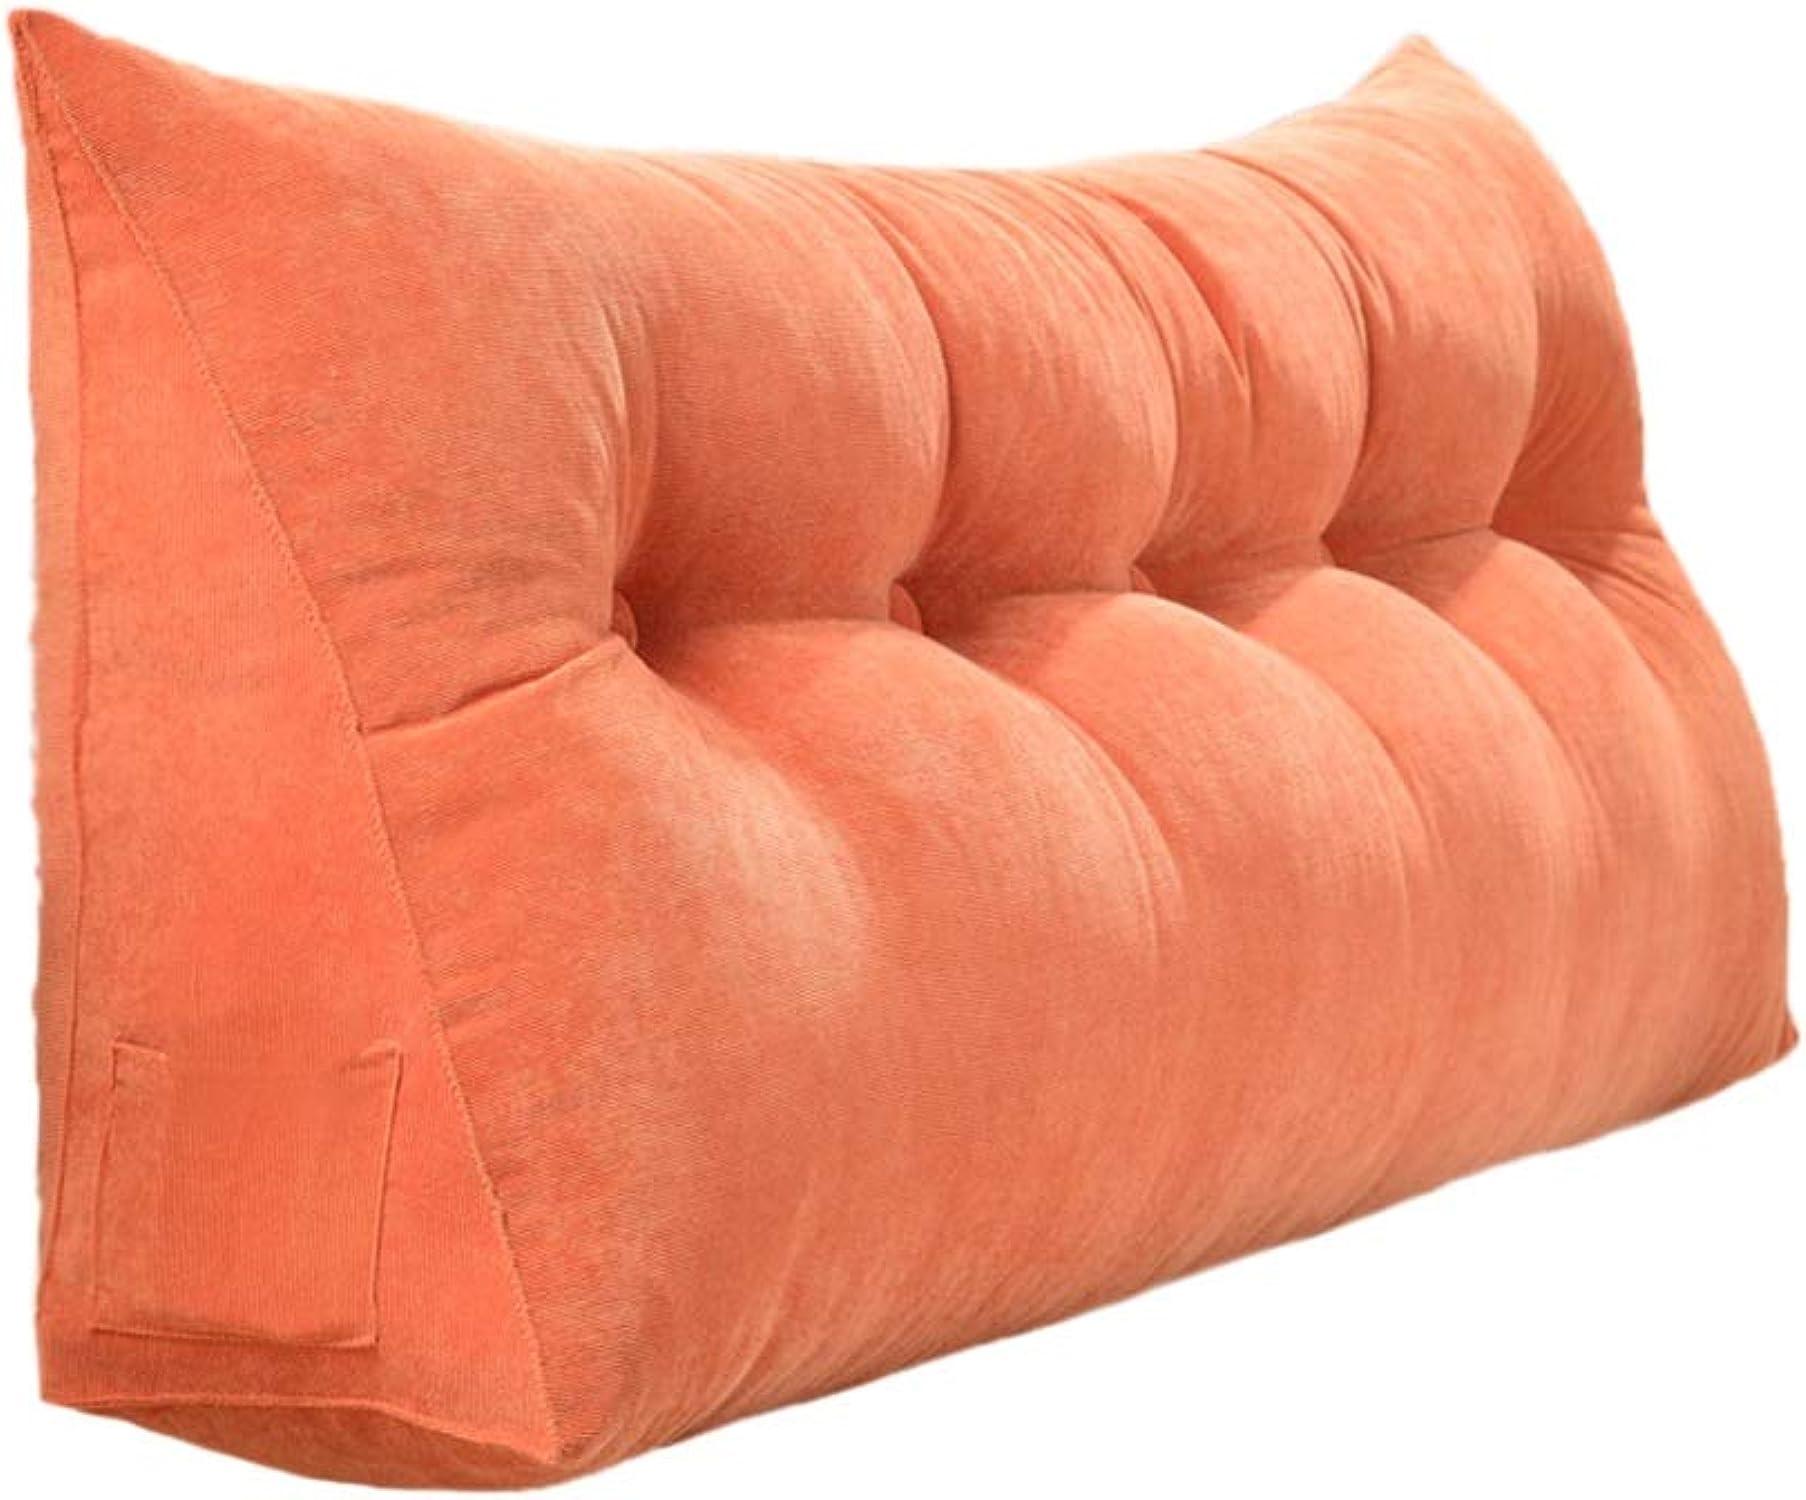 KjinZ Oreiller multifonctionnel, couleur unie lavable en coton, facile à nettoyer, coussin de fonction de rangeHommest latéral avec coussin Confortable (Couleur   Orange, taille   90cm)